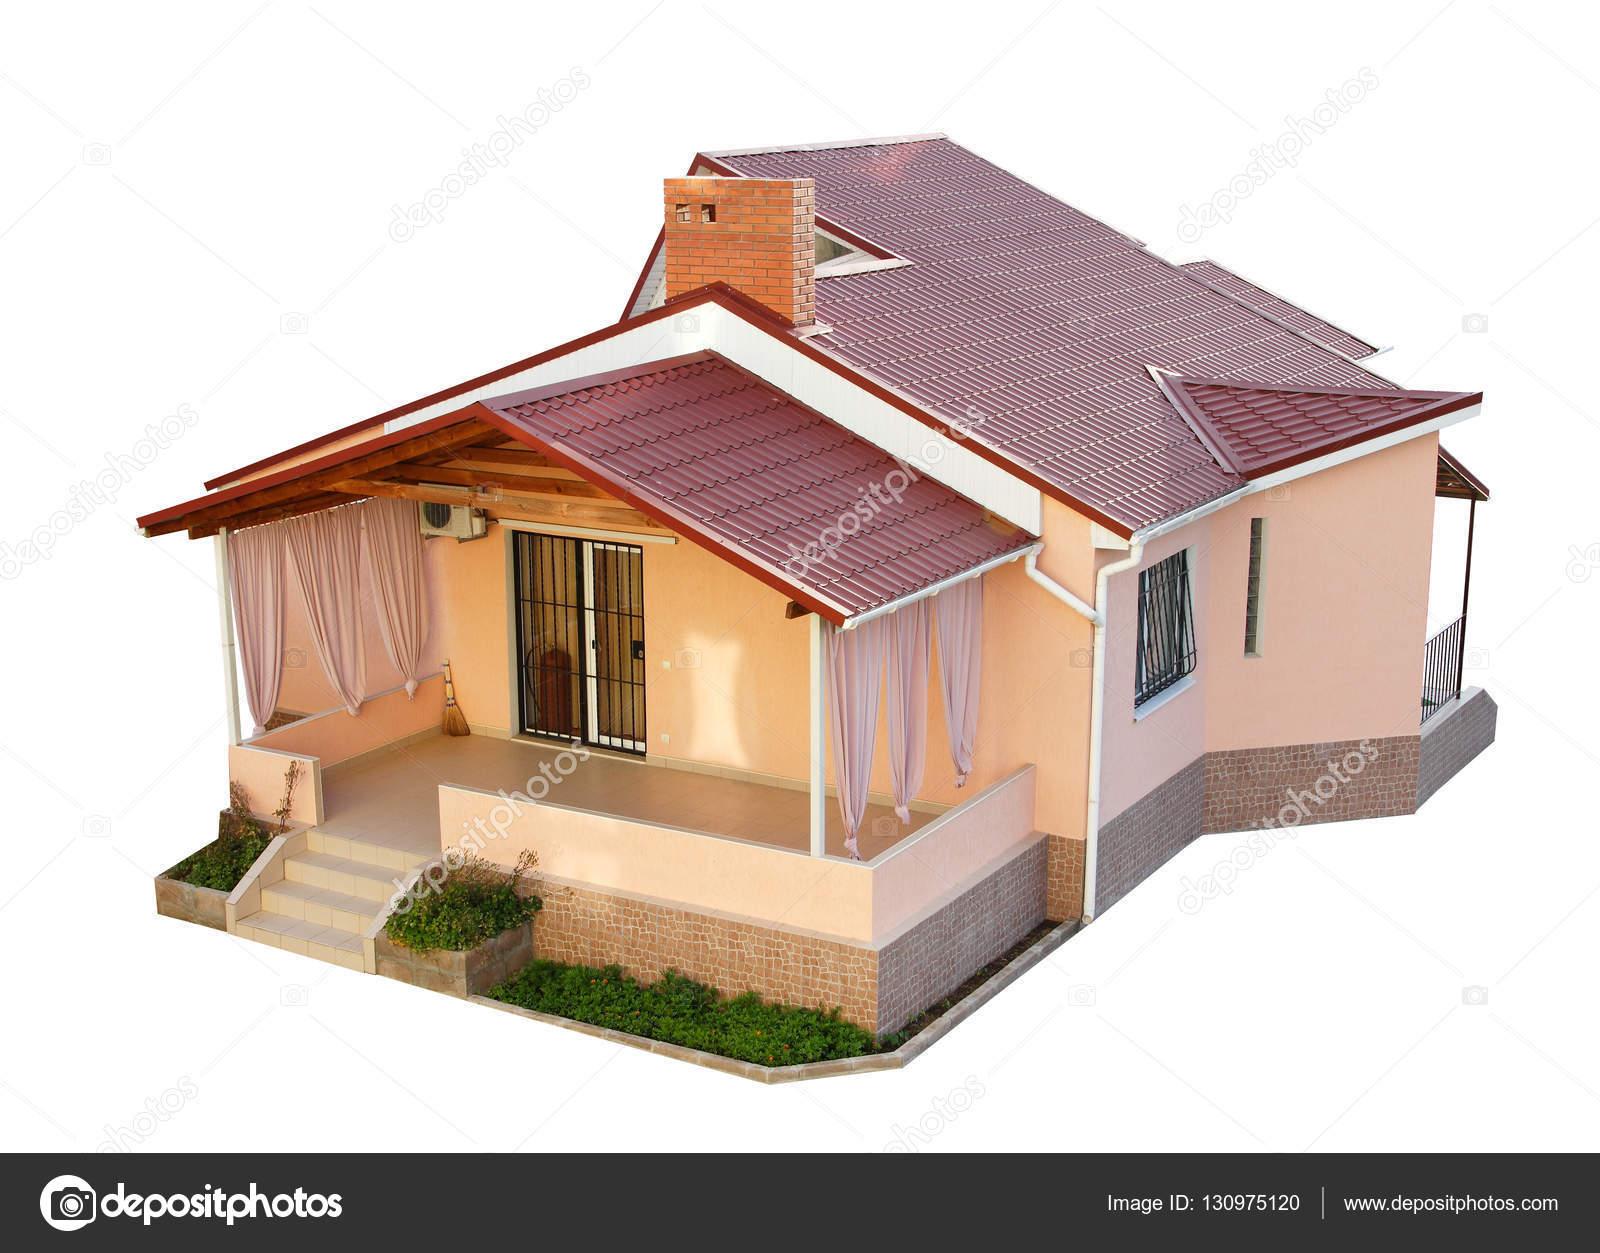 Gestaltung von netten Haus — Stockfoto © khorzhevska #130975120